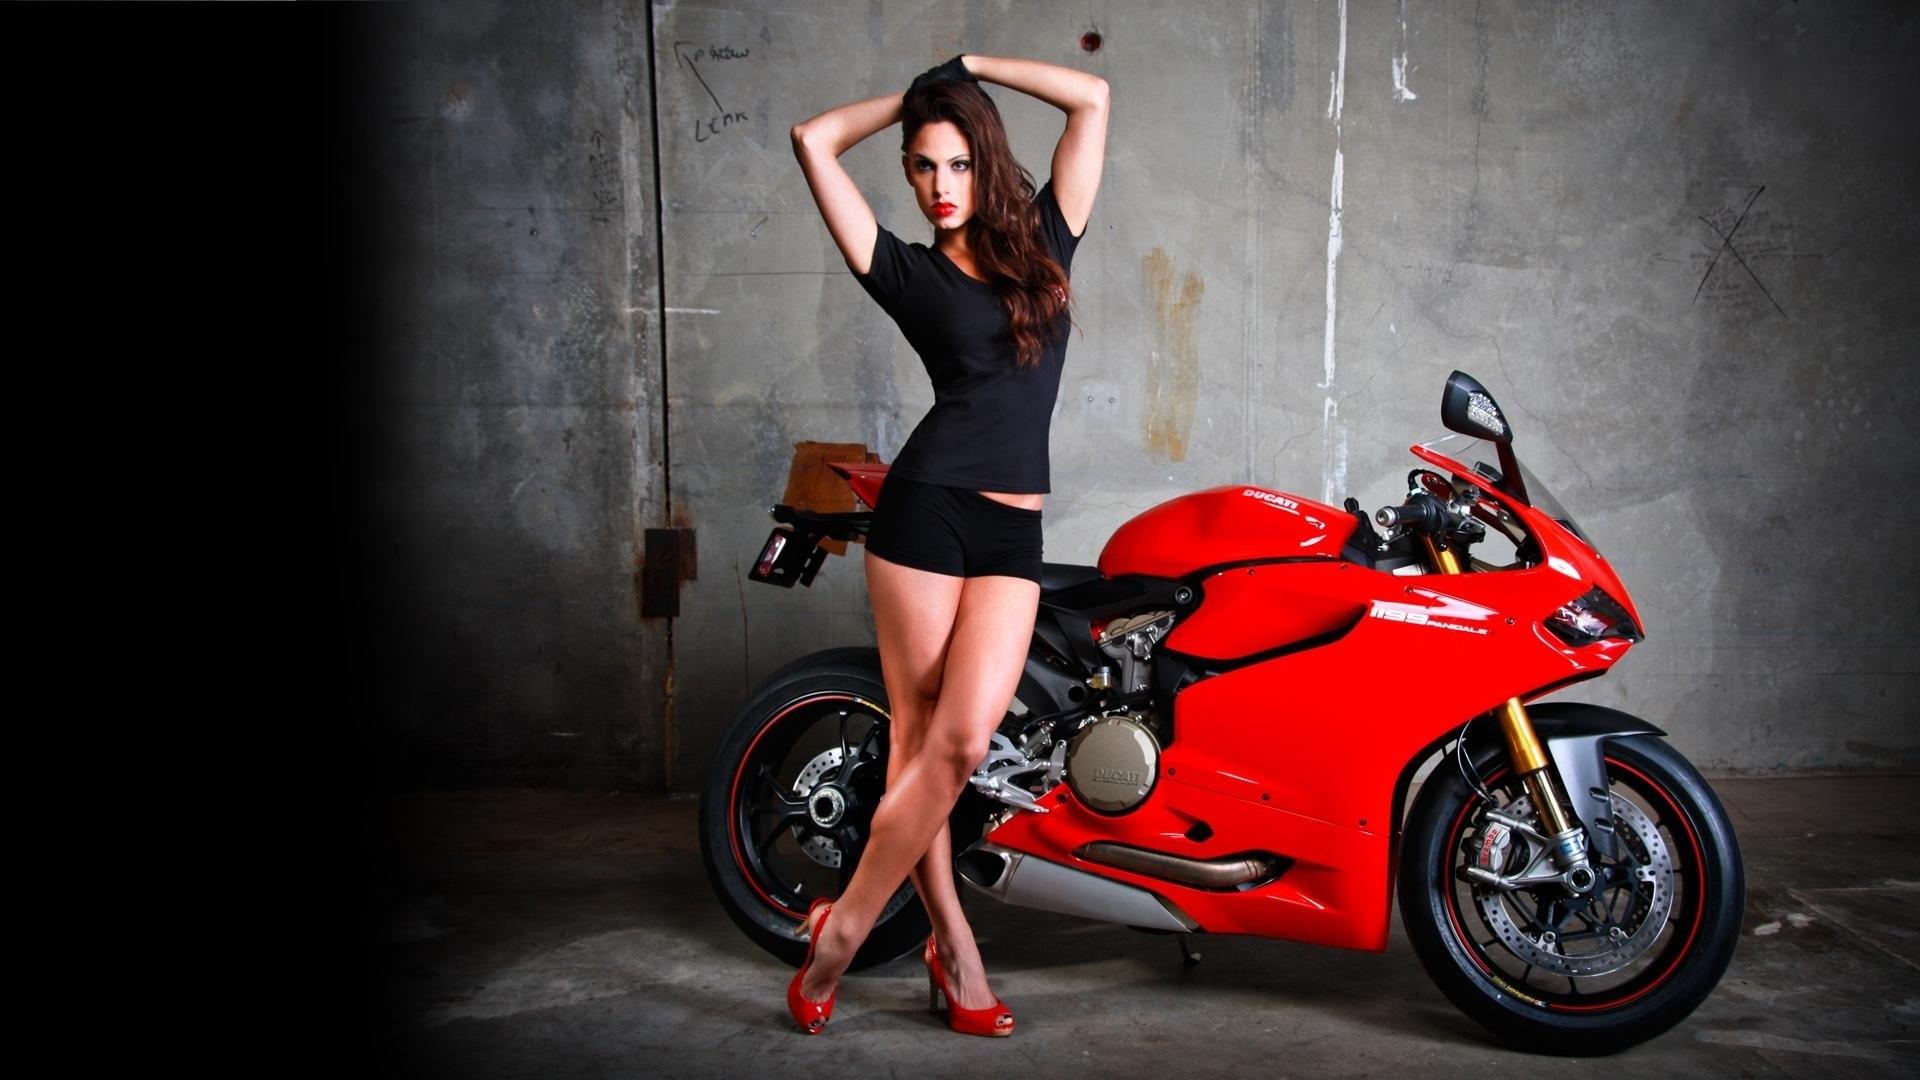 Girls & Motorcycles Computer Wallpapers, Desktop Backgrounds .